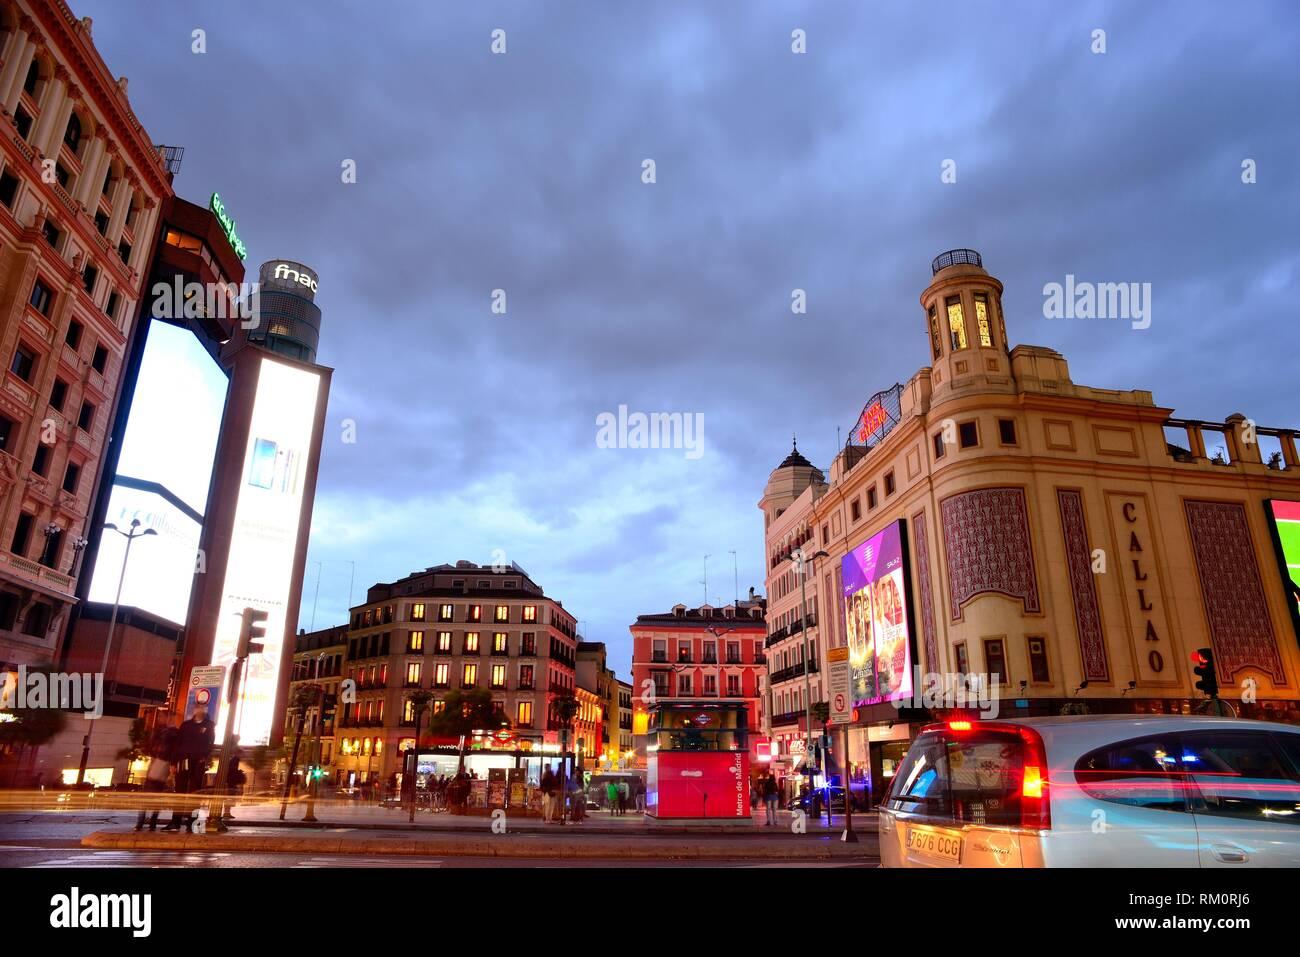 Piazza di Callao in Gran Via, Madrid, Spagna. Immagini Stock